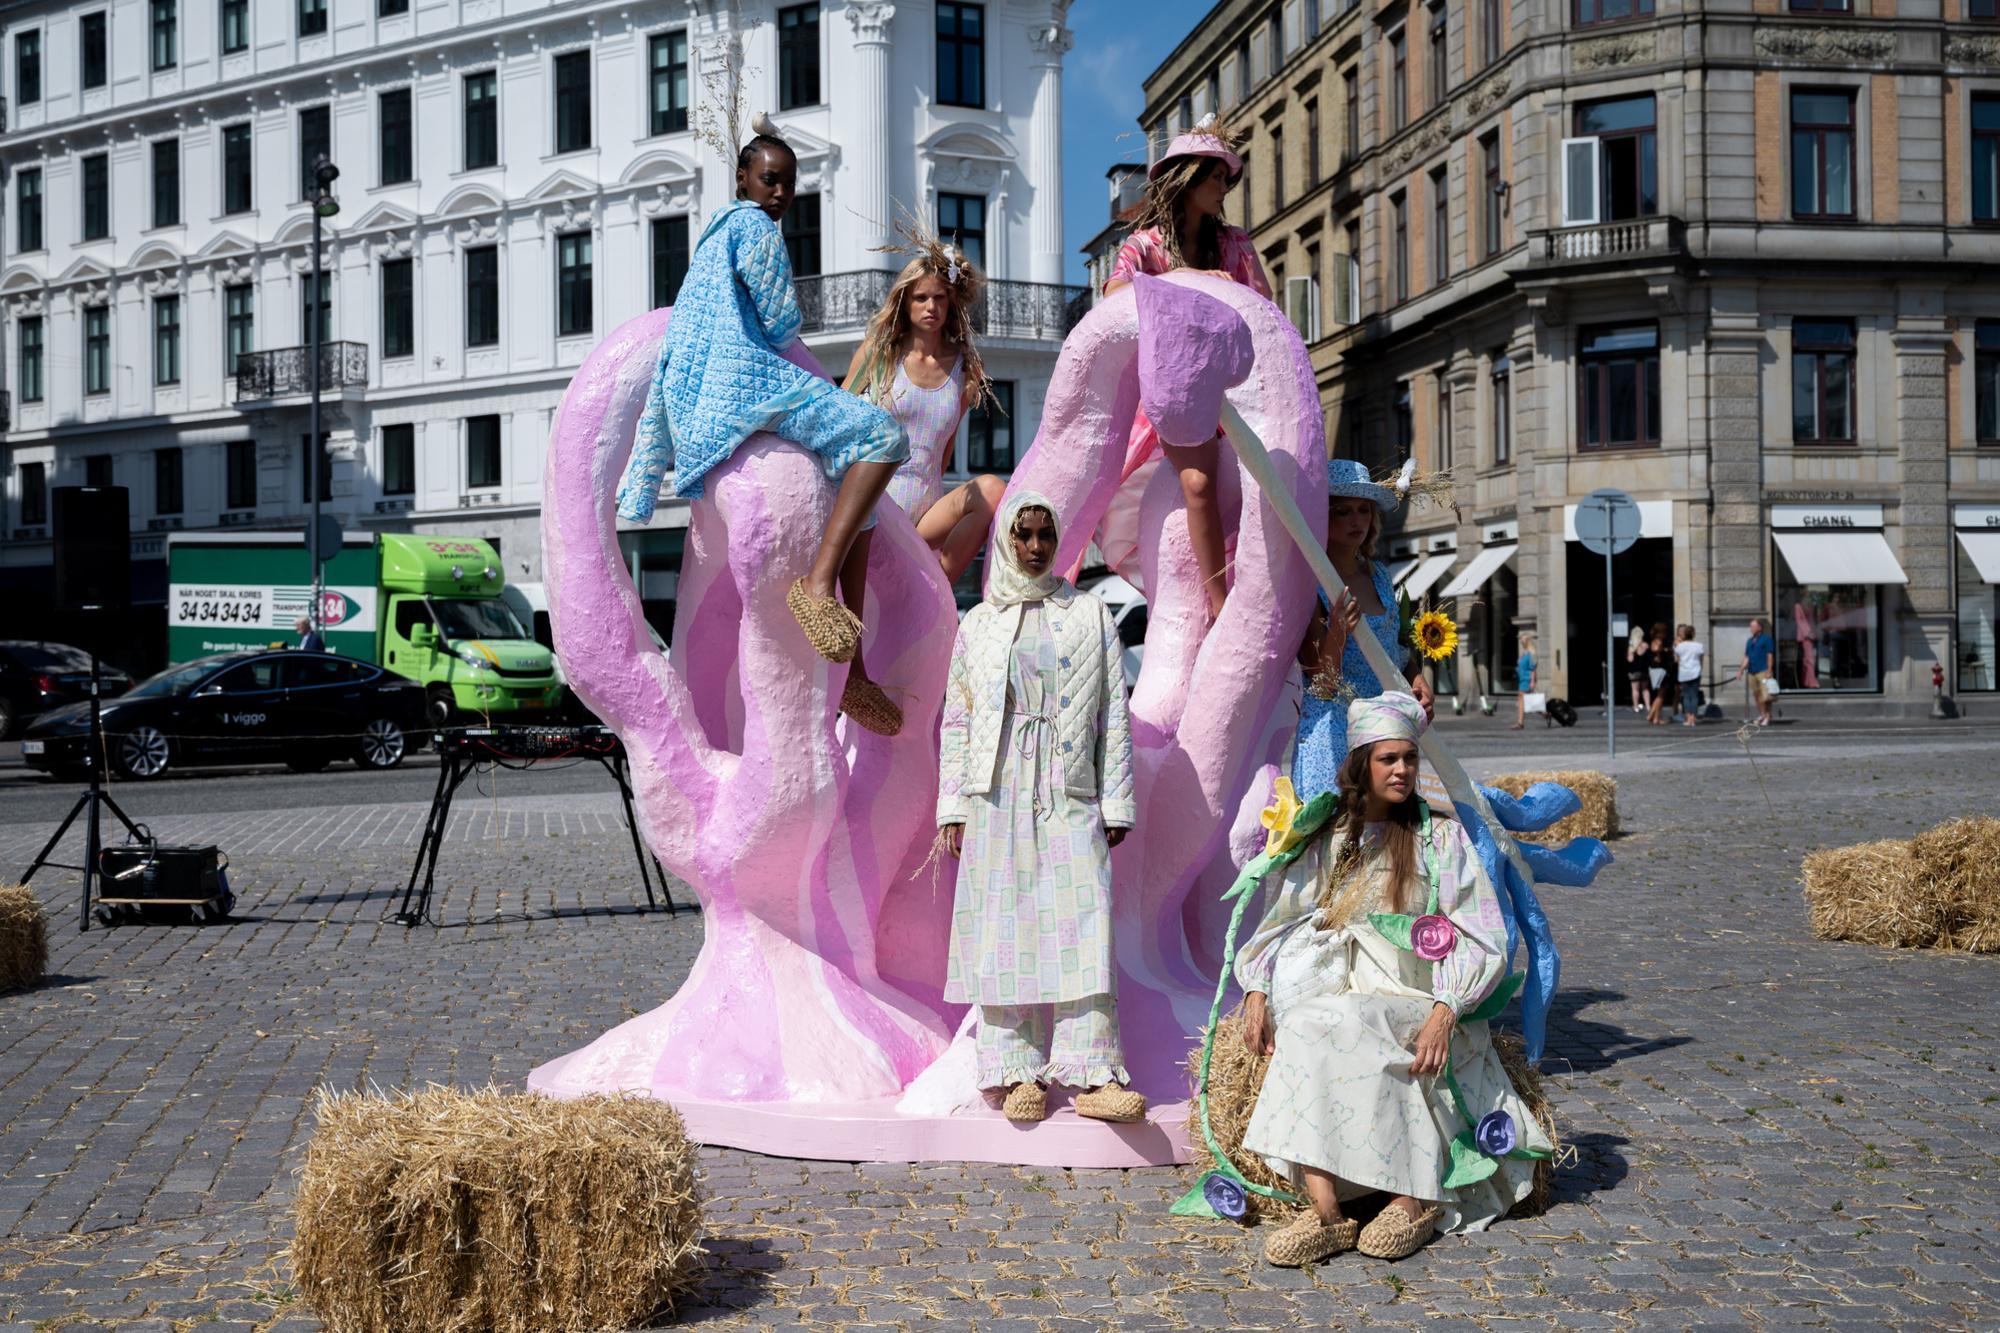 De show van Helmstedt ging door op het Kongens Nytorv-plein, Getty